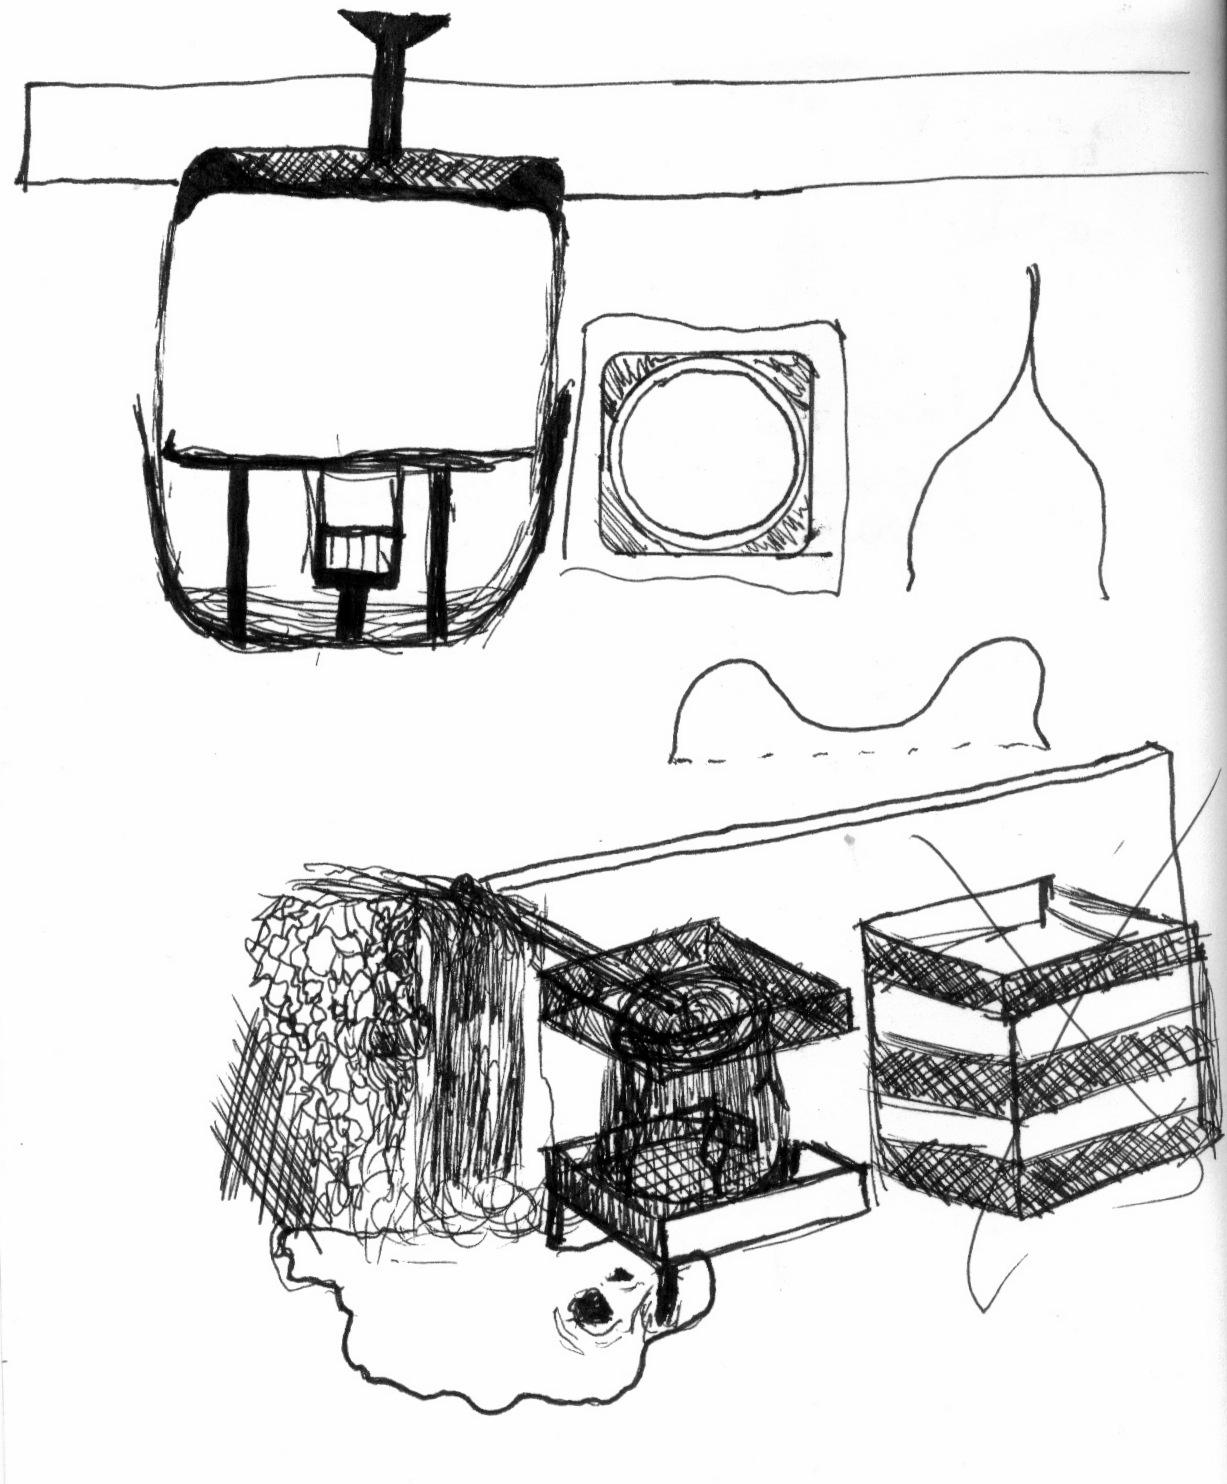 Original Concept for Rain Room